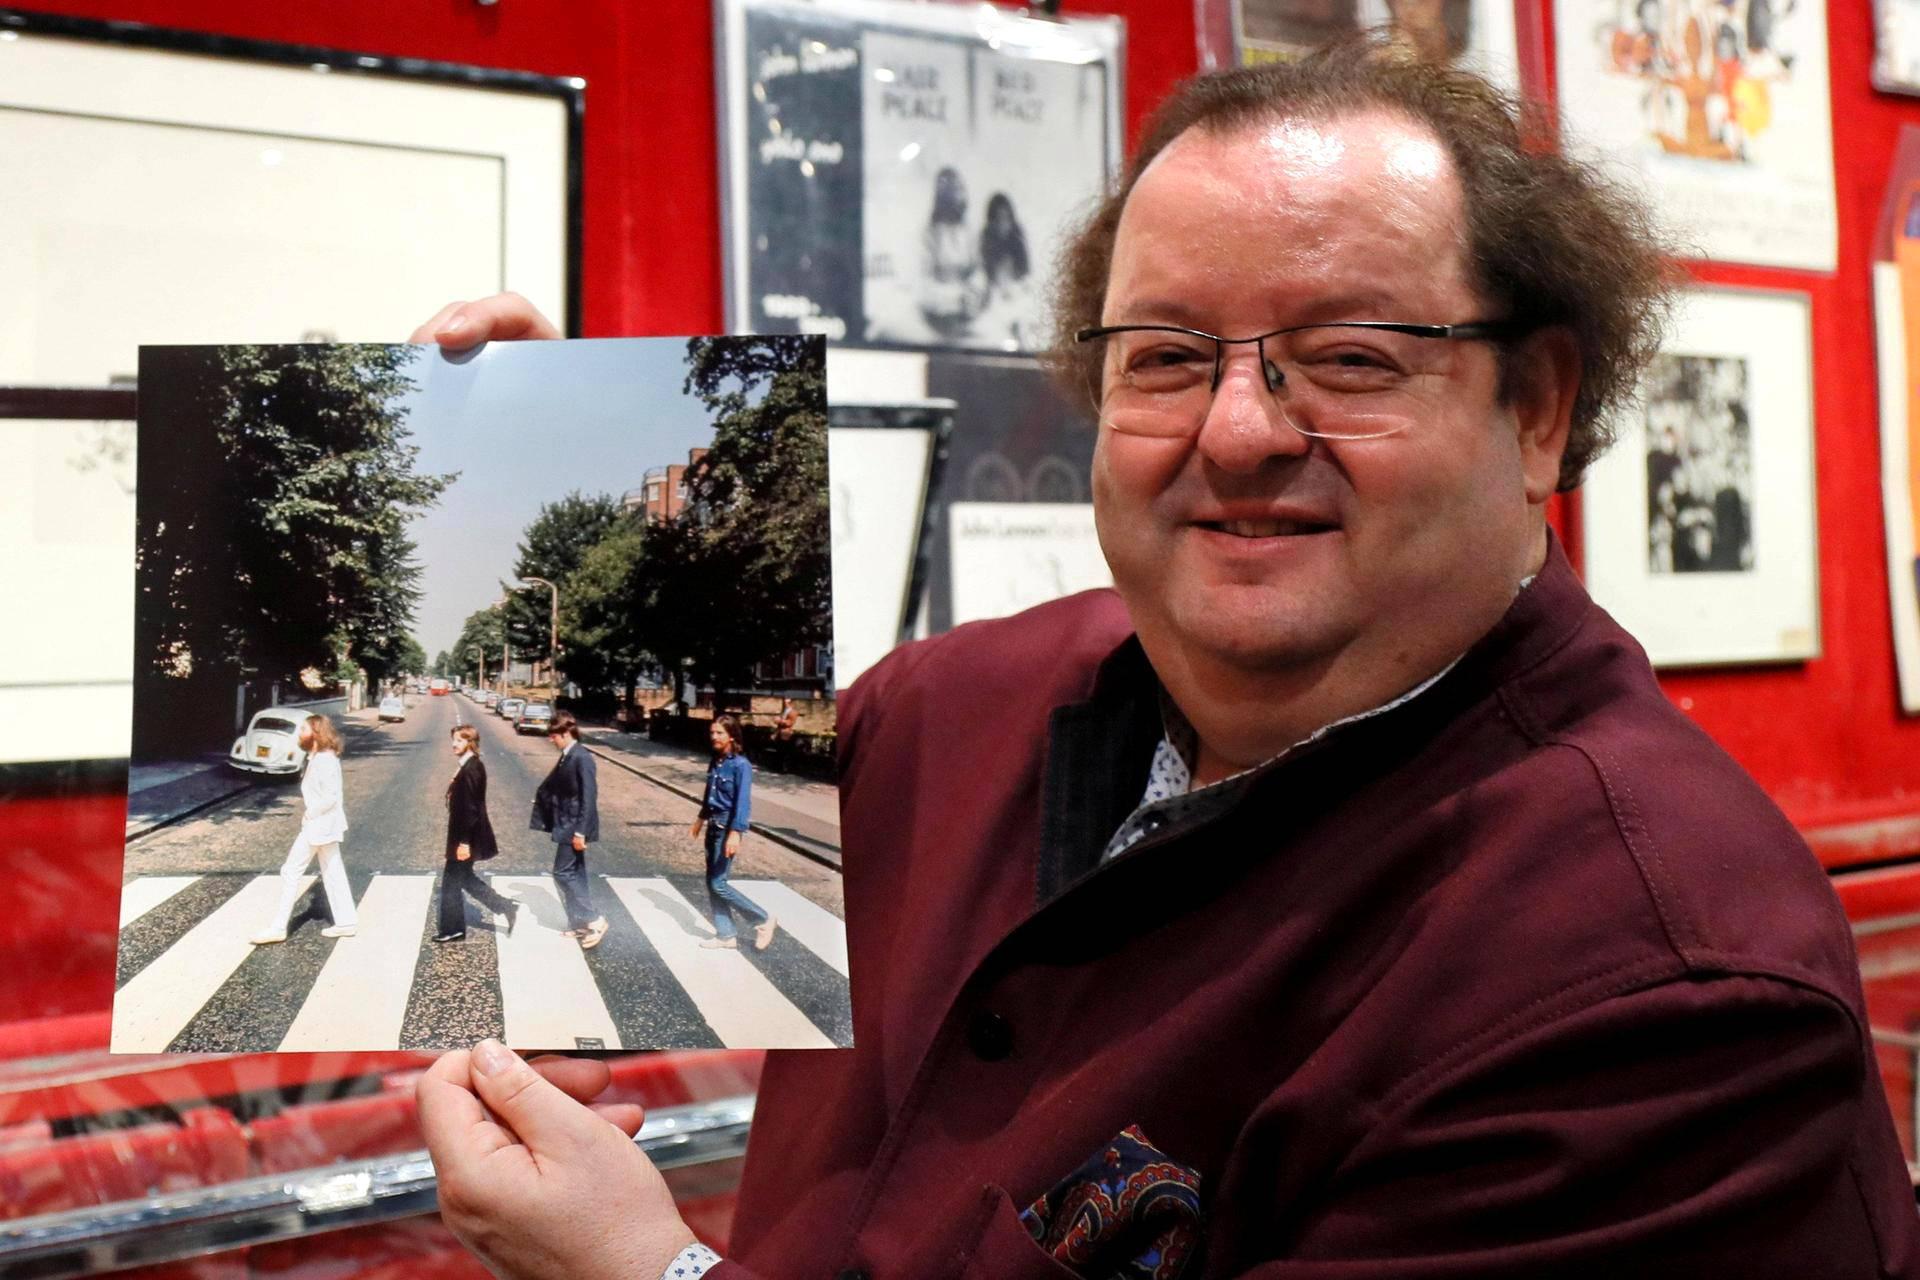 Beatles-keräilijä Jacques Volcouve esittelee yhtä viidestä hallussaan olevasta versiosta kuvista, jotka kuvattiin Beatlesin Abbey Road -albumin kantta varten. 15000 esineen Beatles-kokoelmaa huutokaupataan Pariisissa lauantaina.